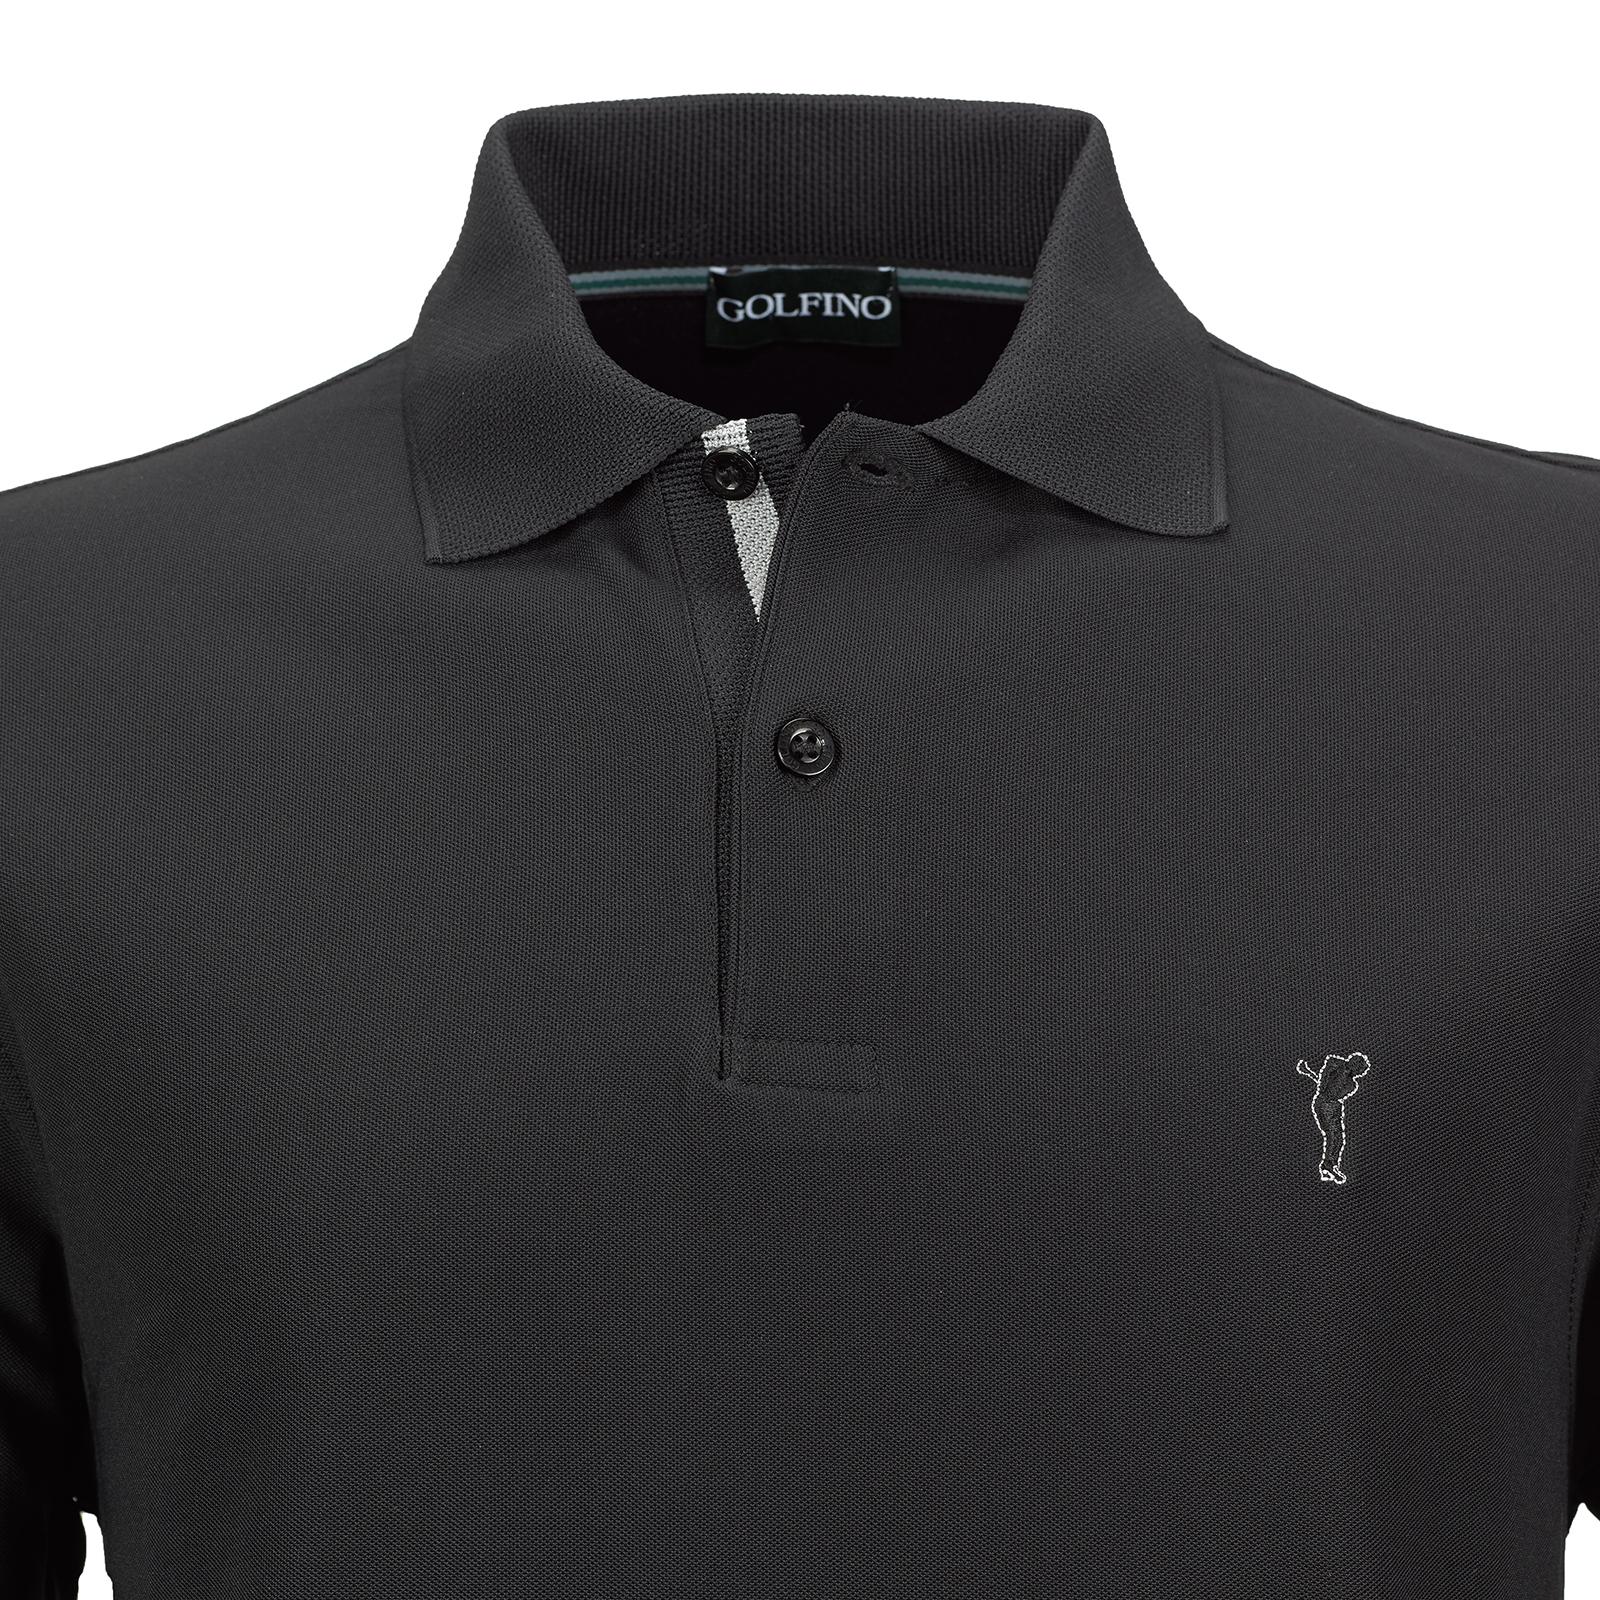 Regular Fit Herren Golfpolo mit Moisture Management Funktion